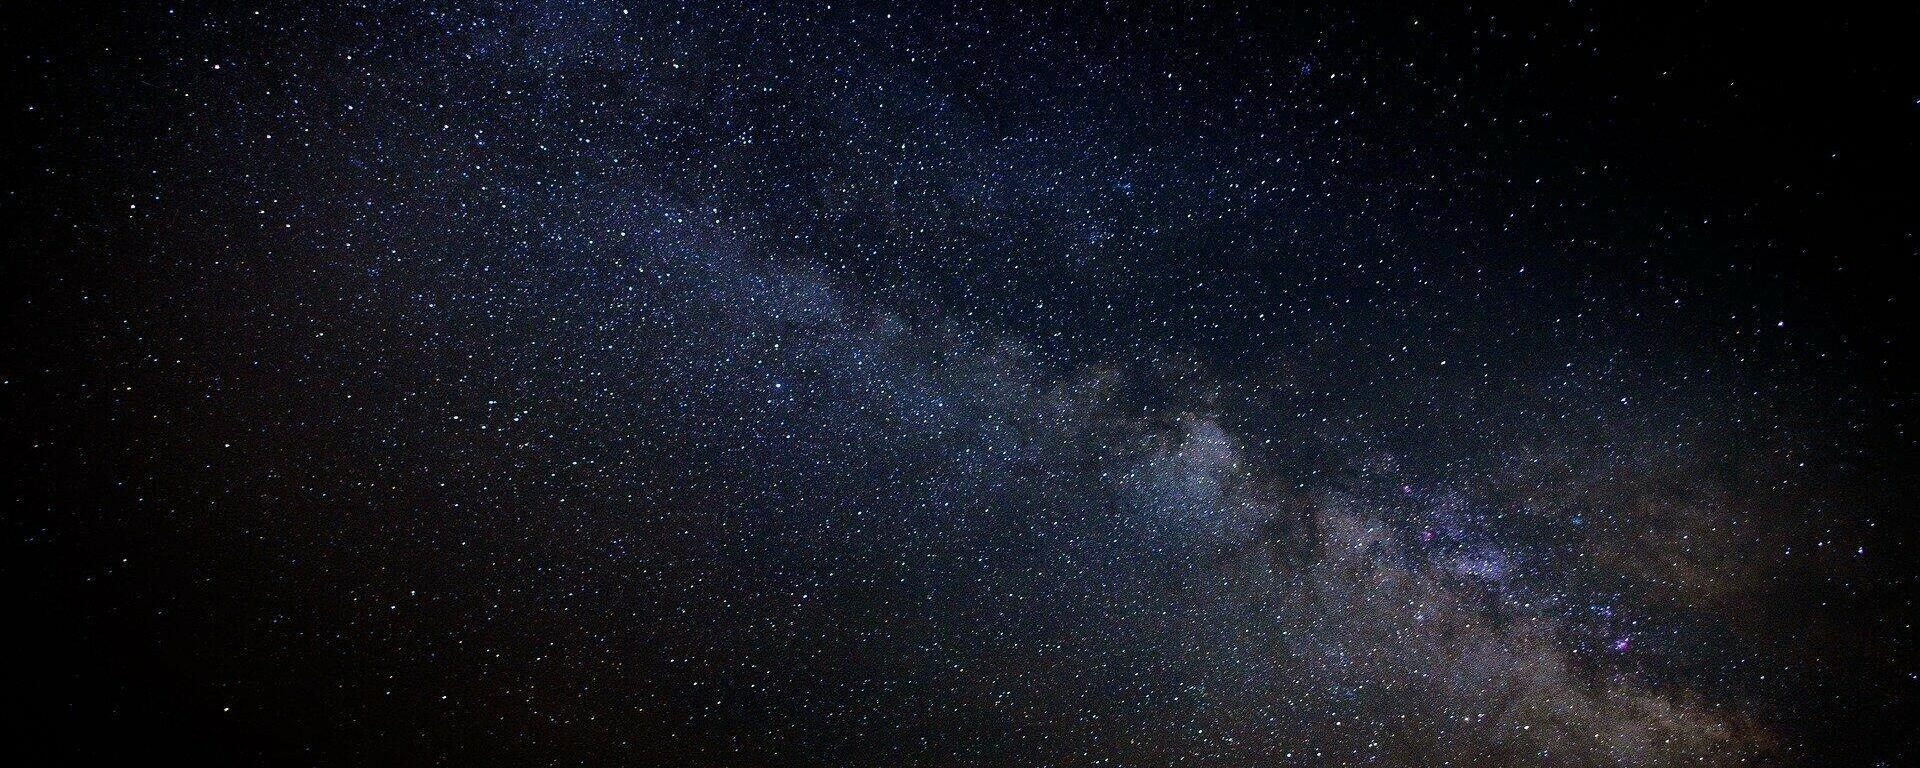 Estrellas en el espacio - Sputnik Mundo, 1920, 23.03.2021